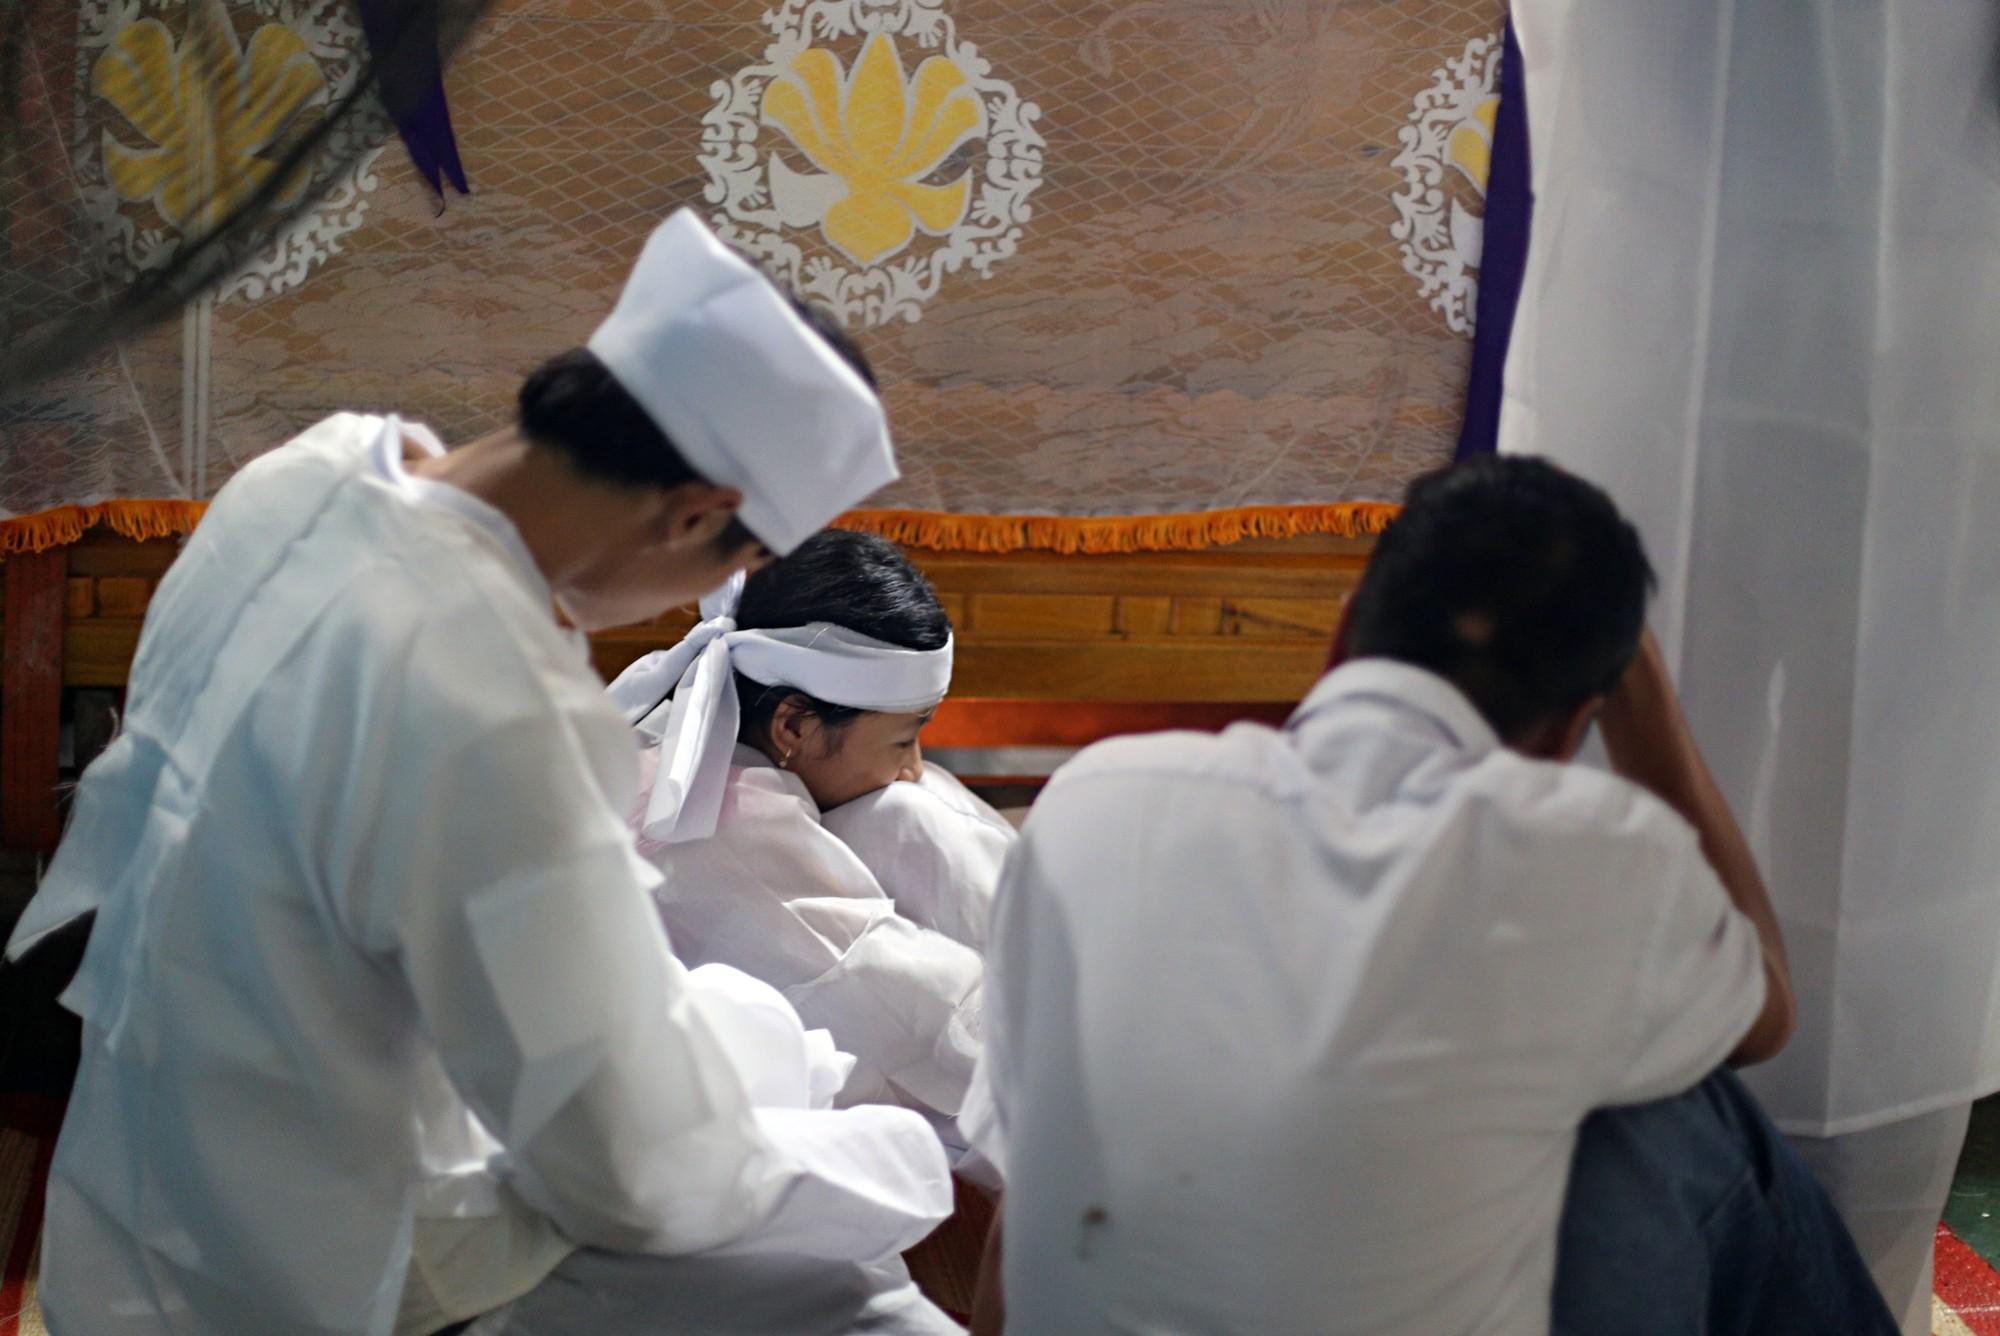 Vụ chú rể và 12 người thân trong đoàn rước dâu tử vong vì tai nạn: Những đứa trẻ bỗng chốc... mồ côi - Ảnh 6.